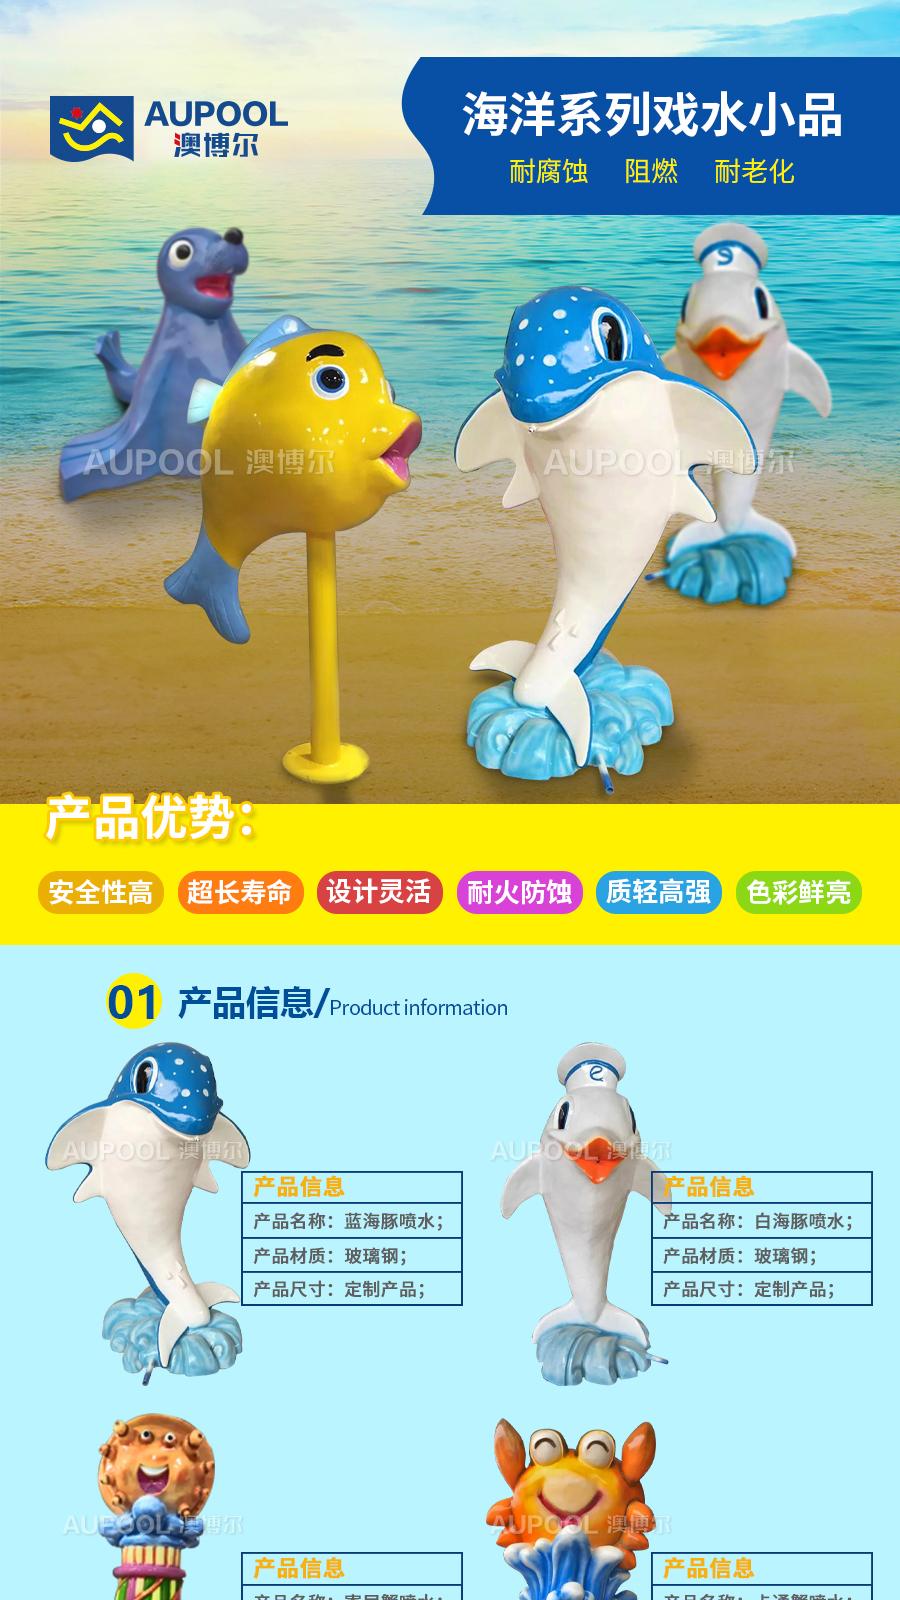 恒温儿童水上乐园海洋戏水小品